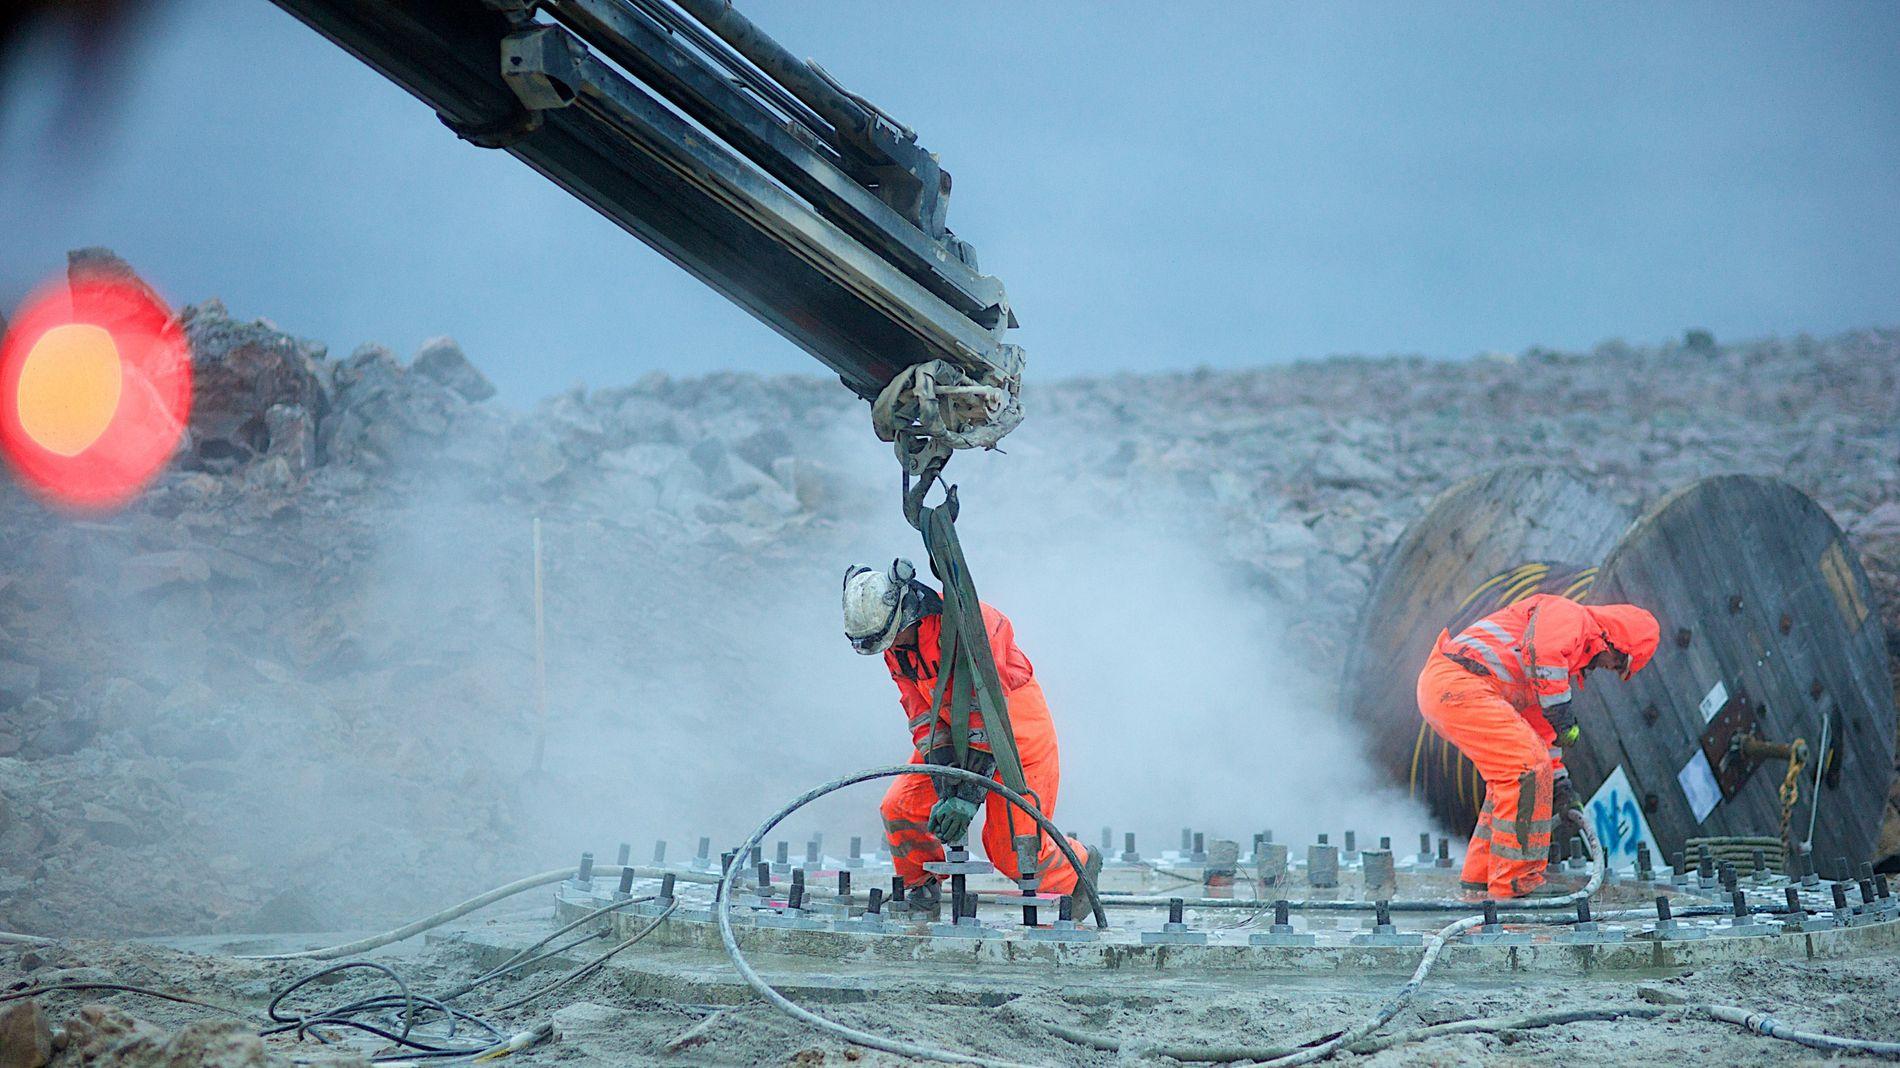 FERSK RAPPORT: En økt andel vindkraft vil bidrar til å dempe strømprisene, ifølge en rapport Thema har laget for vindbransjens organisasjon Norwea. Det viser at vindkraft bidrar til å opprettholde konkurransekraften i industrien, mener vindbransjen. Dette er et illustrasjonsbilde fra installasjonen av Raggovidda vindkraftverk i Finnmark.